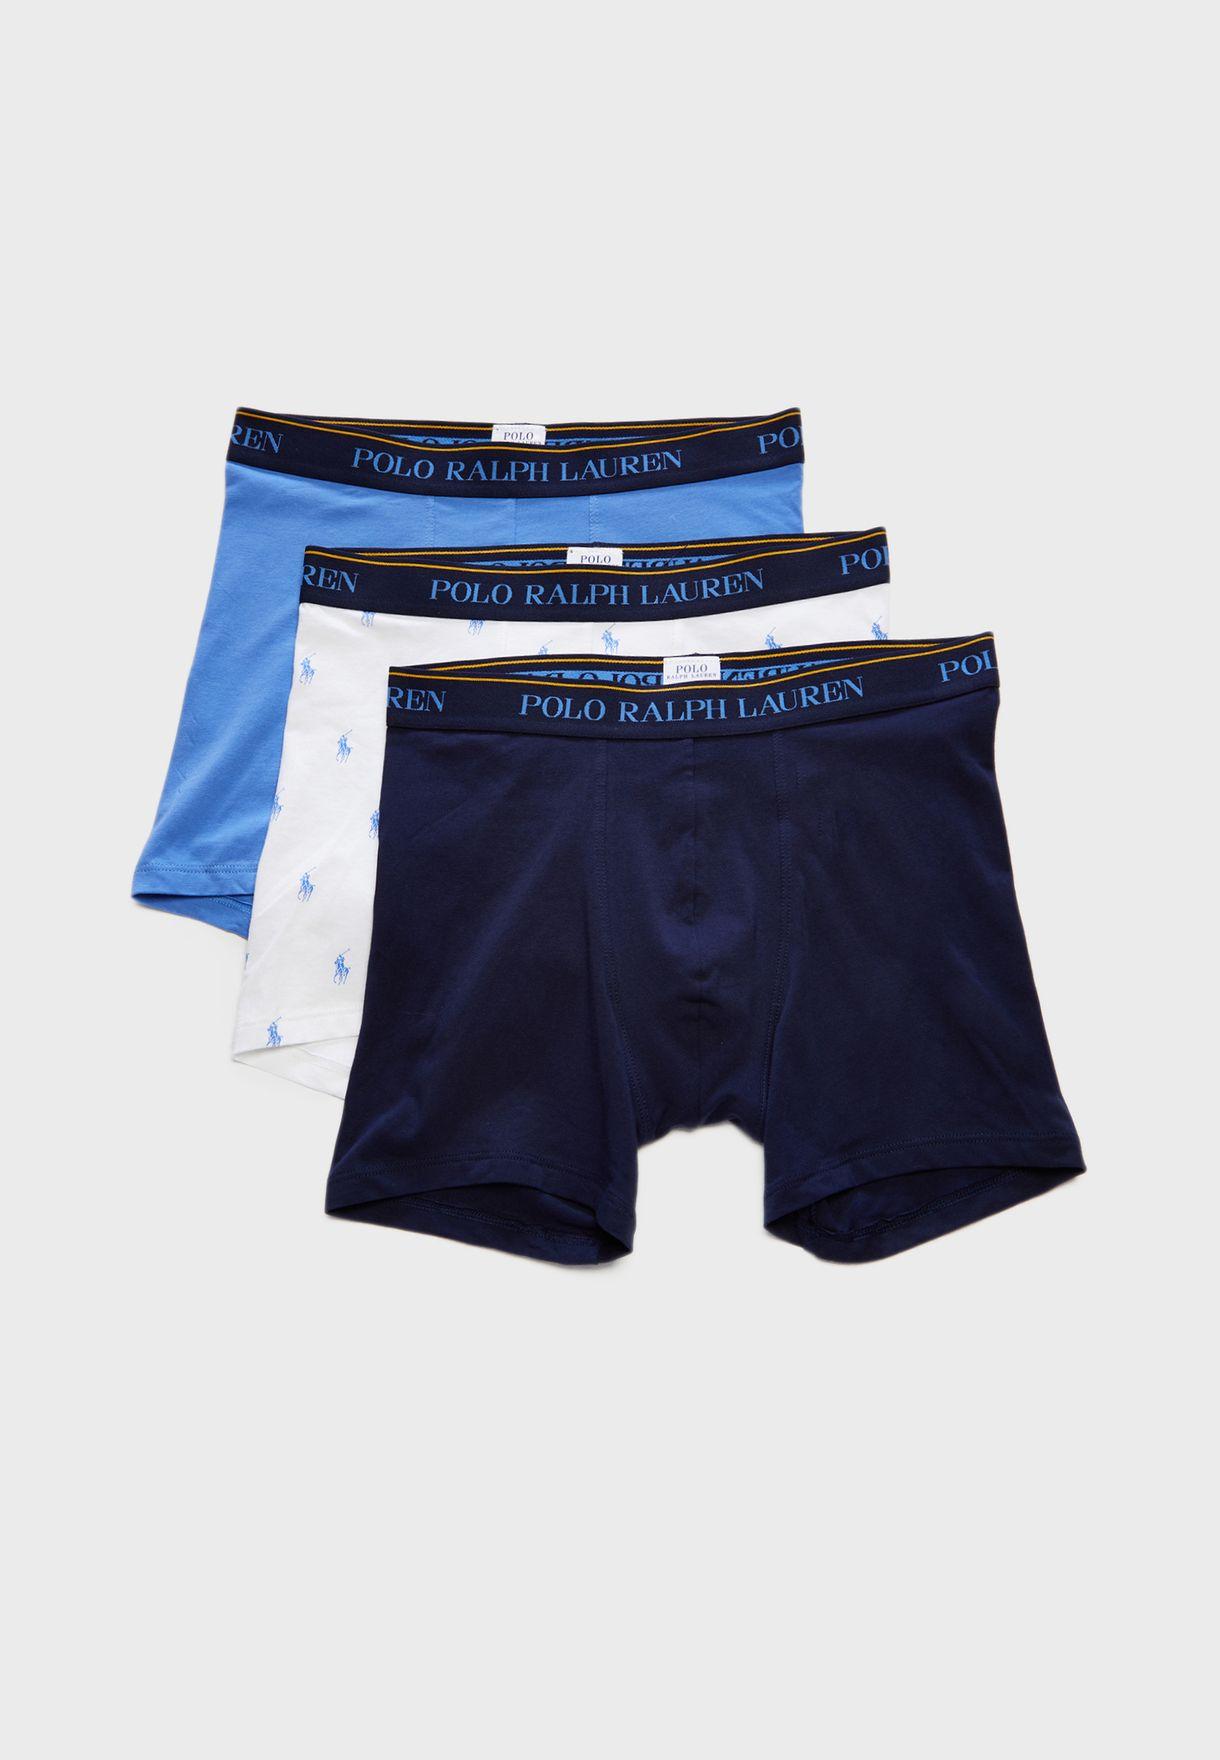 38246e9c7377ac Shop Polo Ralph Lauren multicolor 3 Pack Low Rise Briefs 7.1473E+11 ...